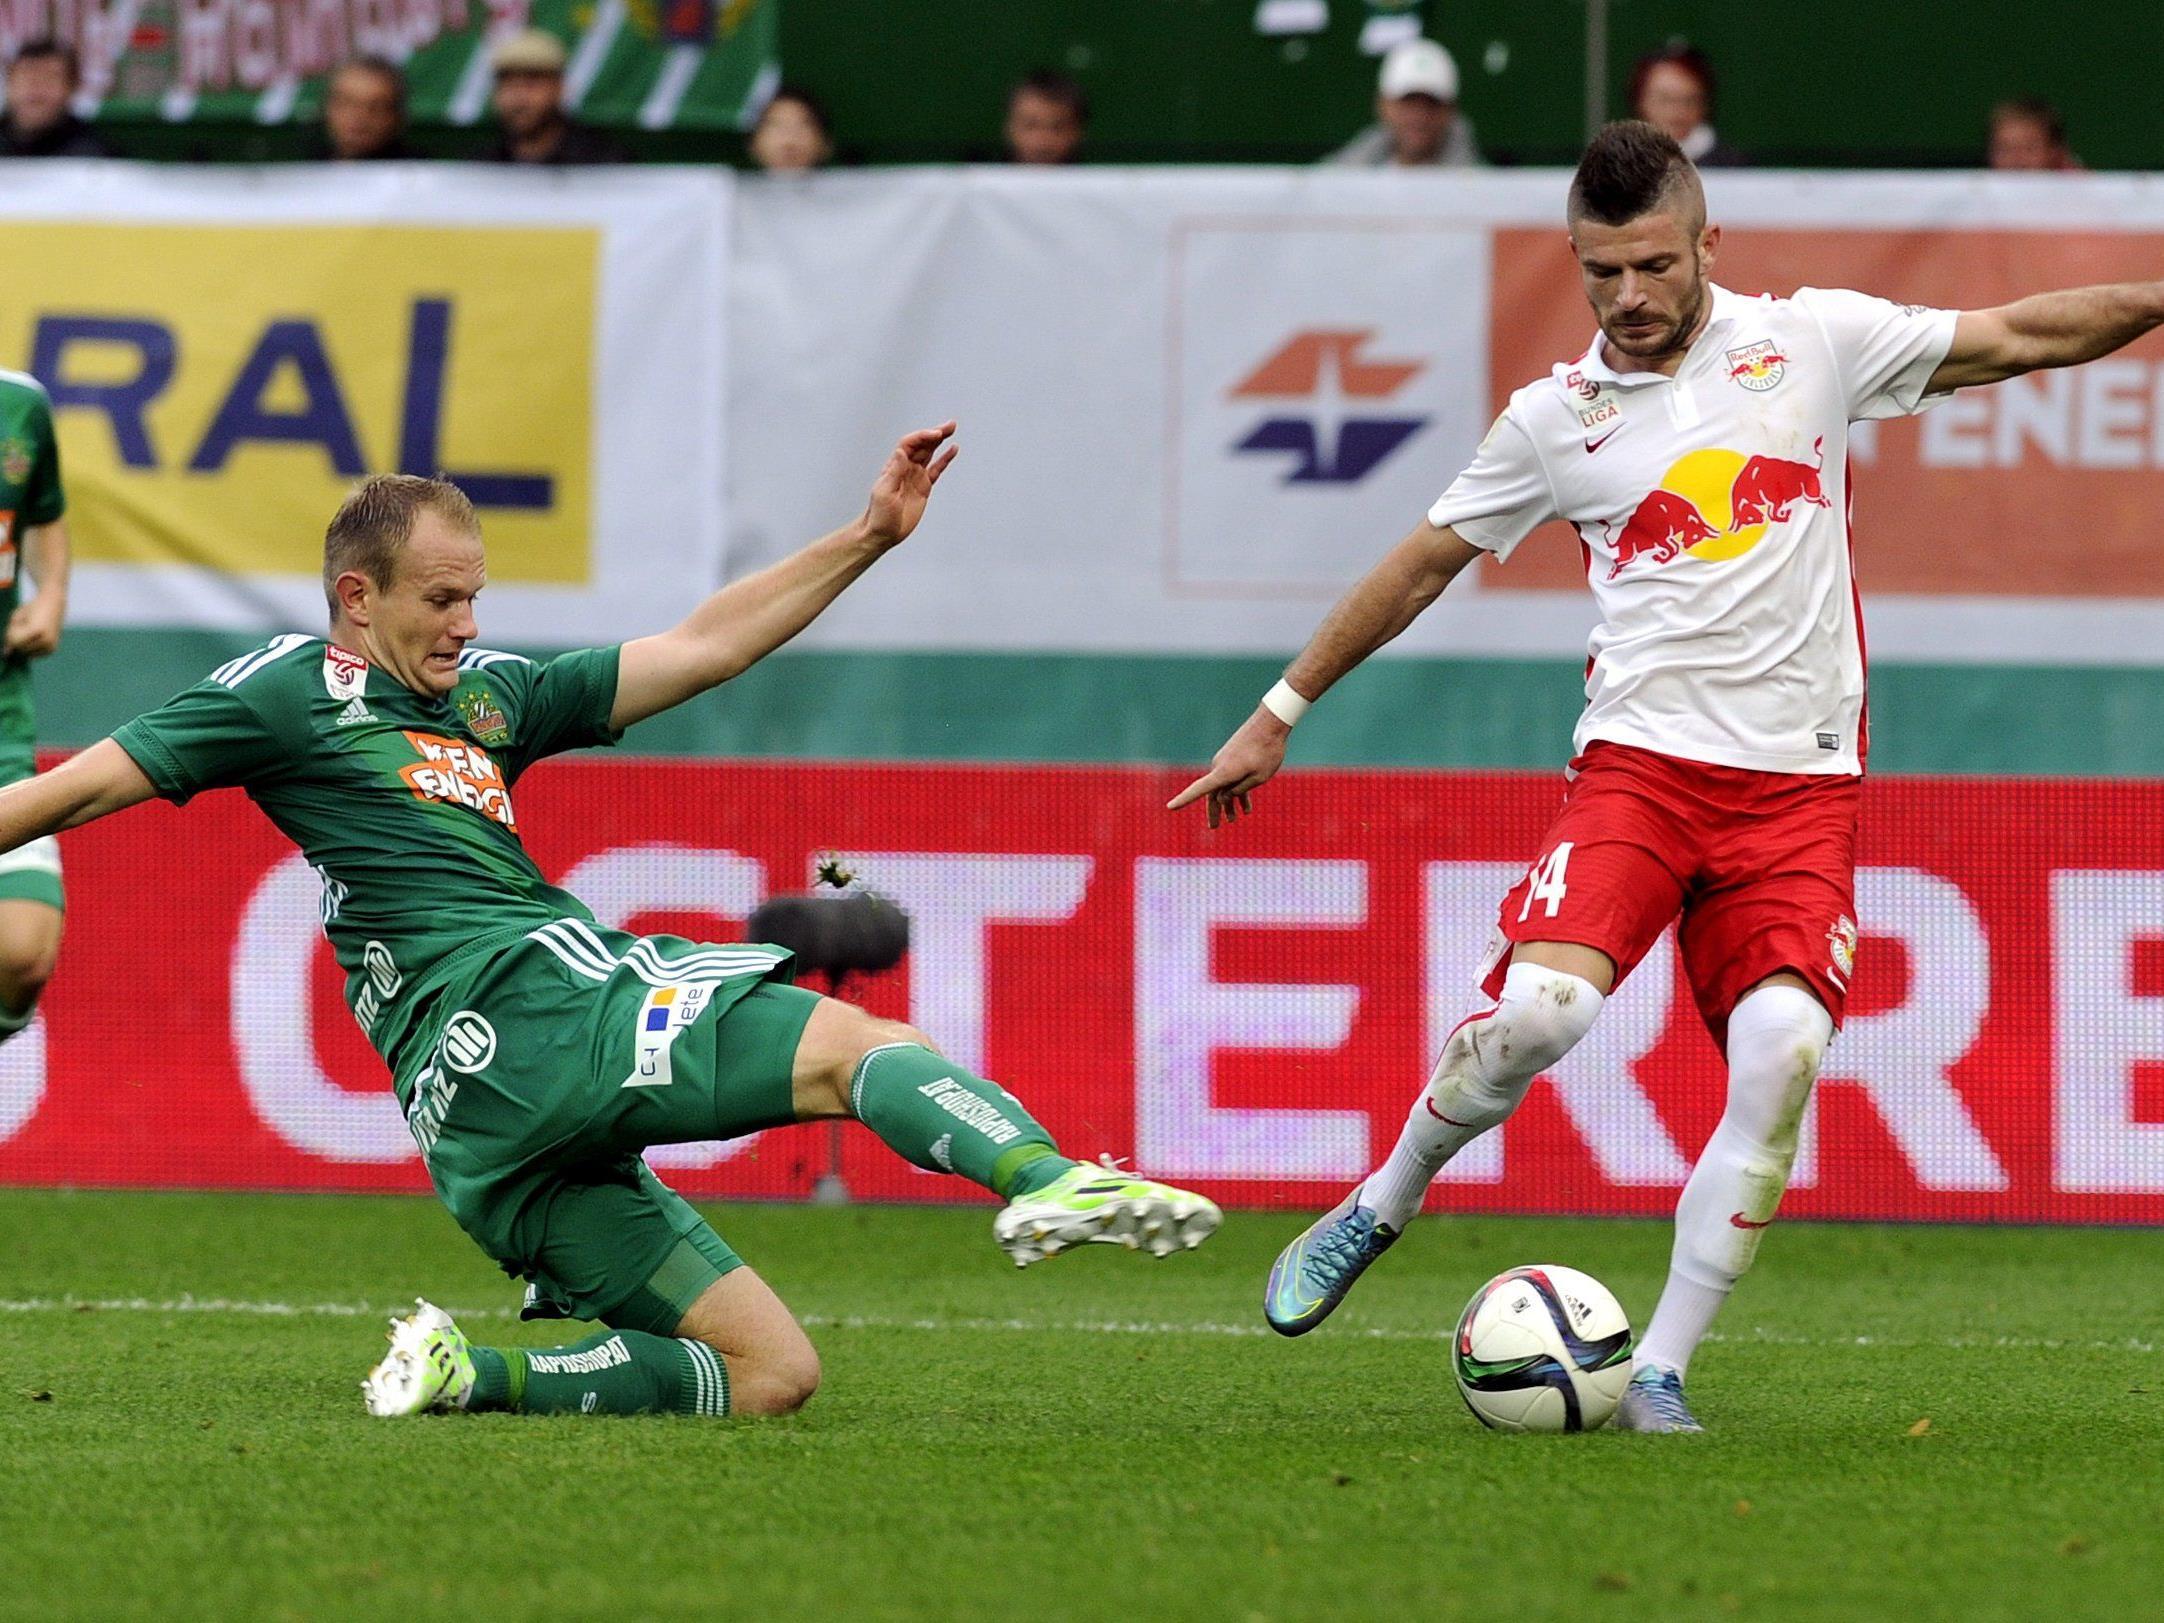 LIVE-Ticker zum Spiel Red Bull Salzburg gegen SK Rapid Wien ab 16.30 Uhr.